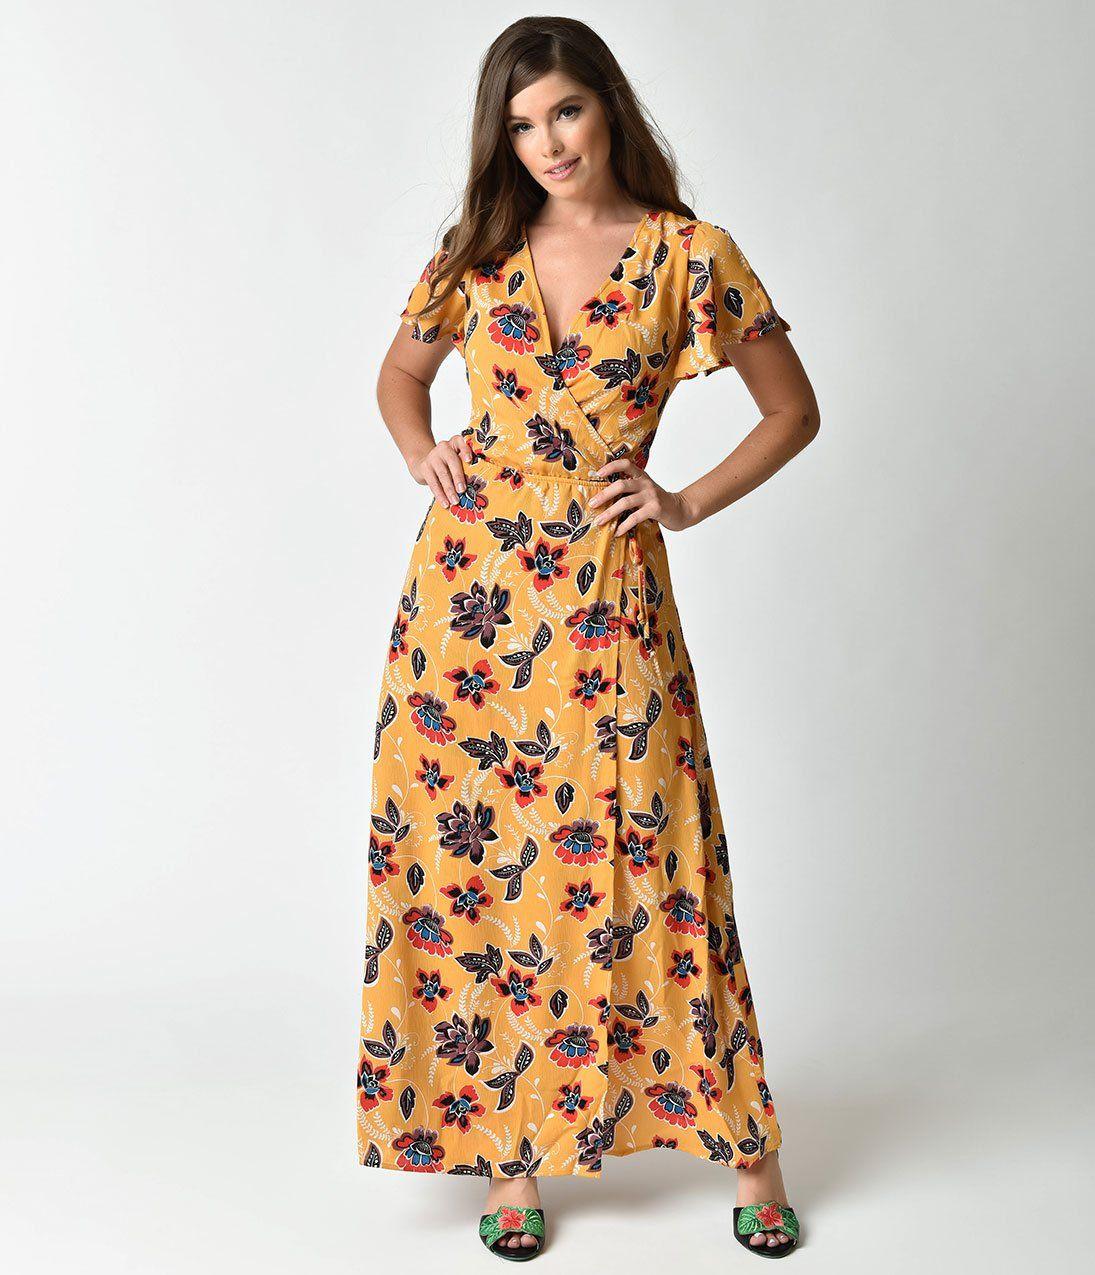 9ba5ec169f54 70s Dresses - 70s Outfits - 70s Disco Fashion | 1970s Fashion ...